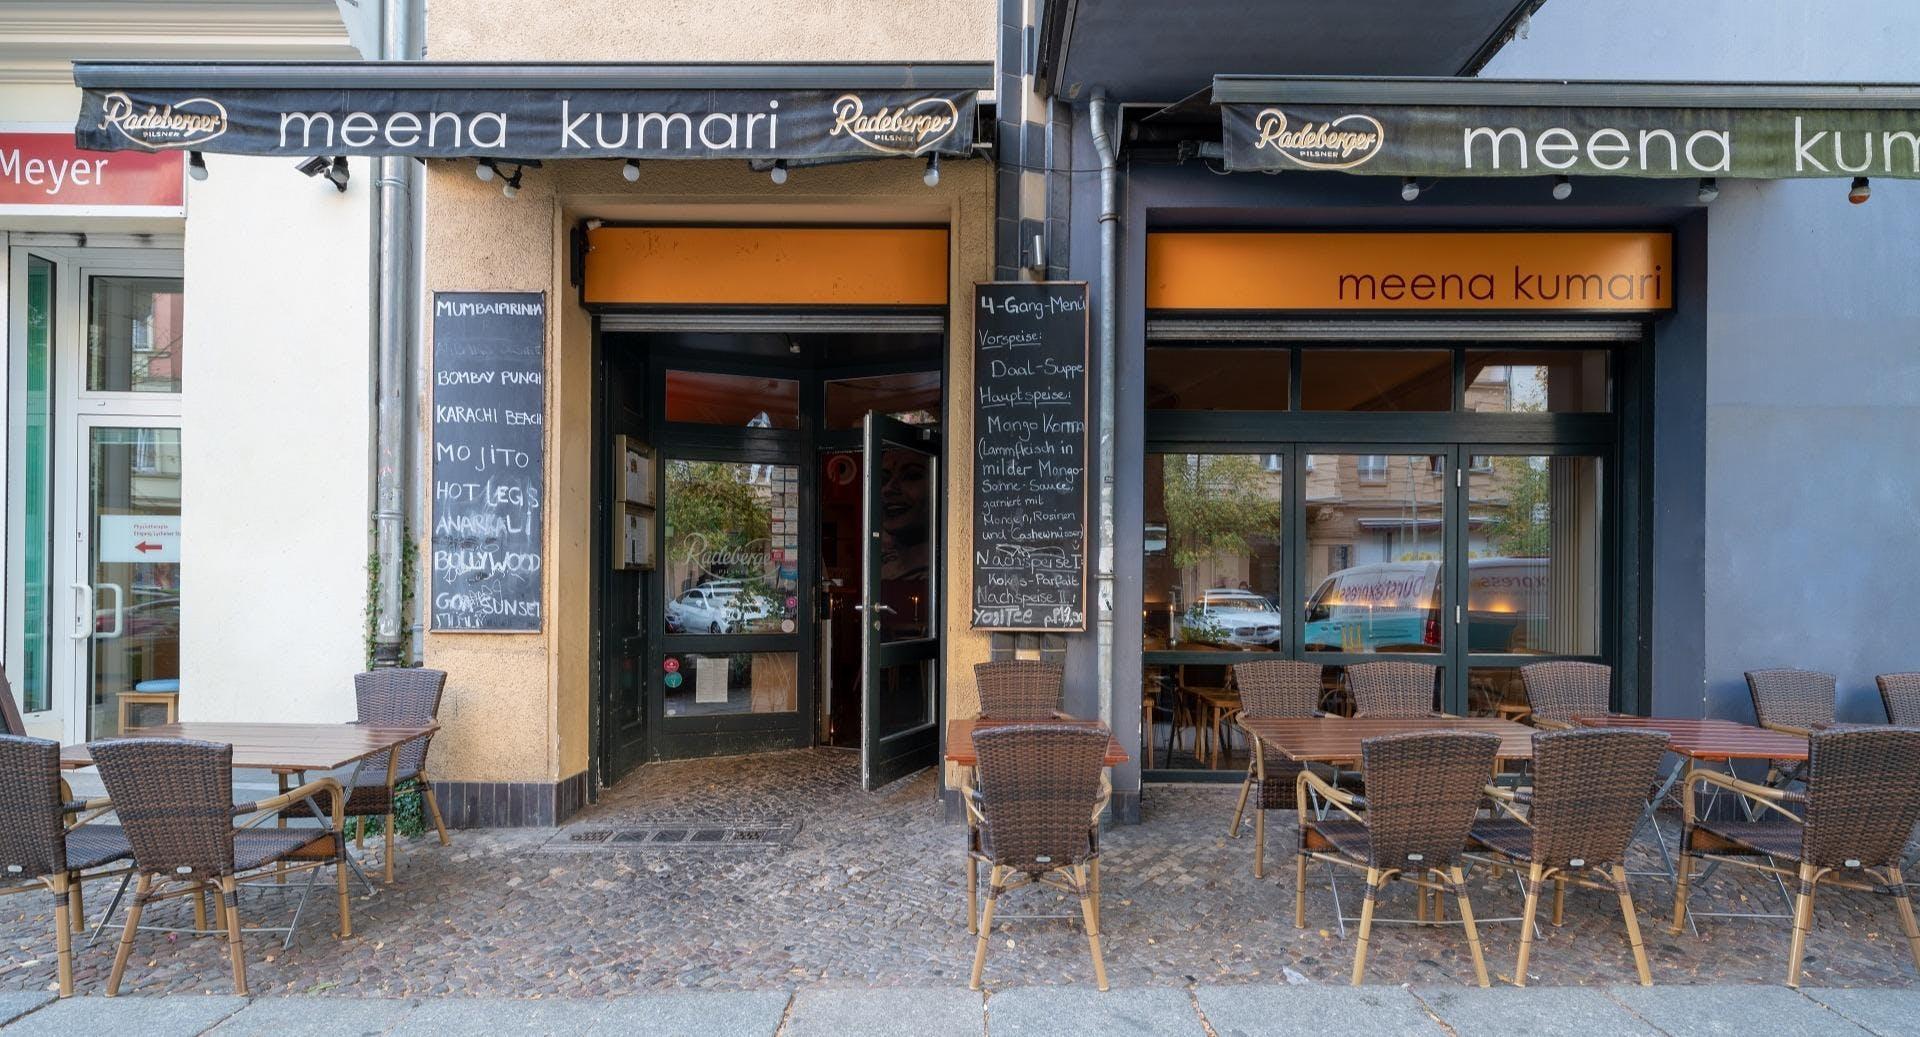 Meena Kumari - Indisches Restaurant Berlin image 3